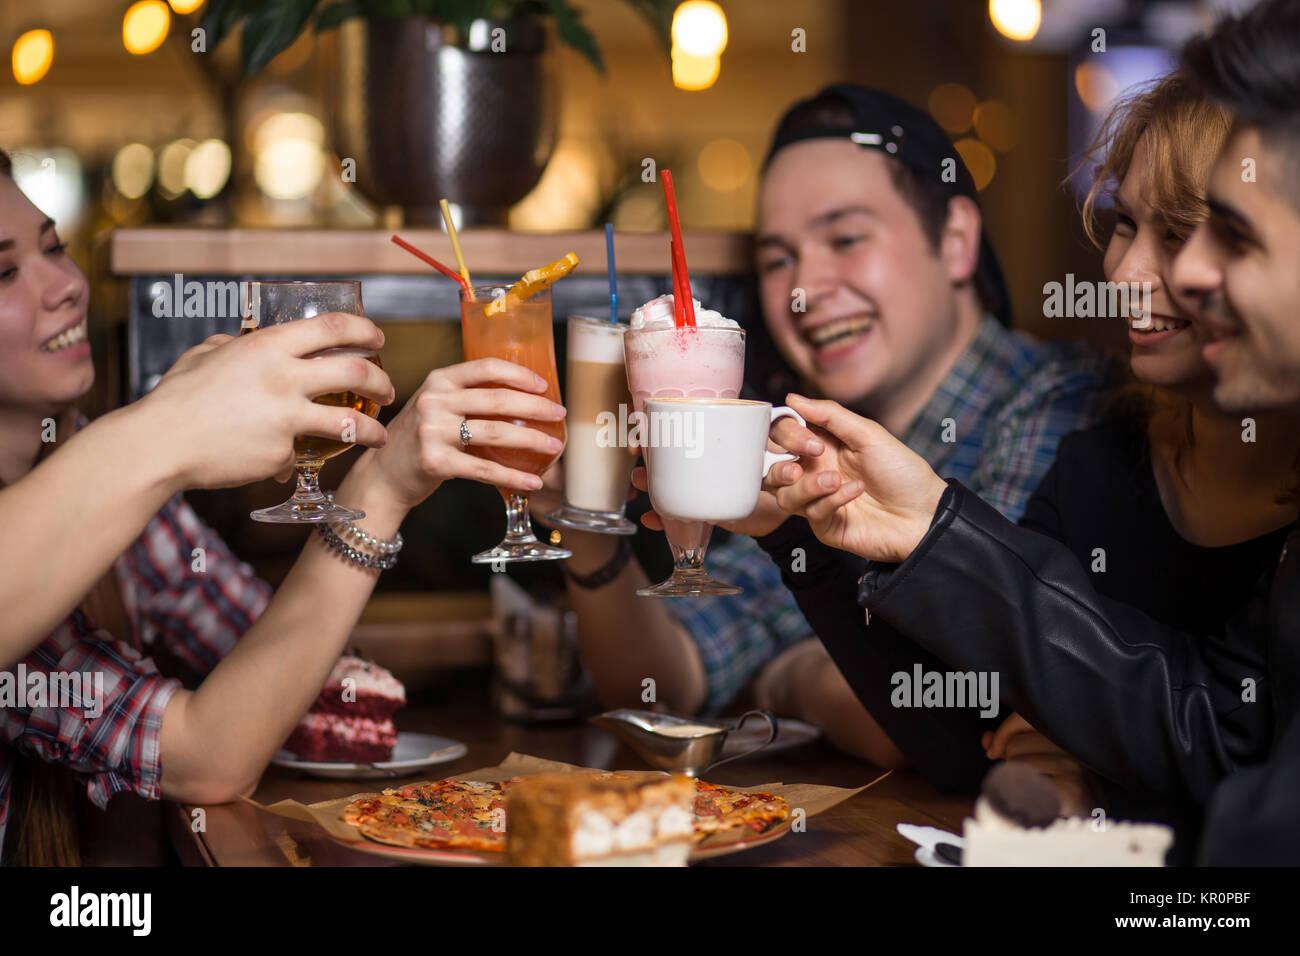 Menschen treffen Freundschaft miteinander Coffee Shopkonzept Stockbild